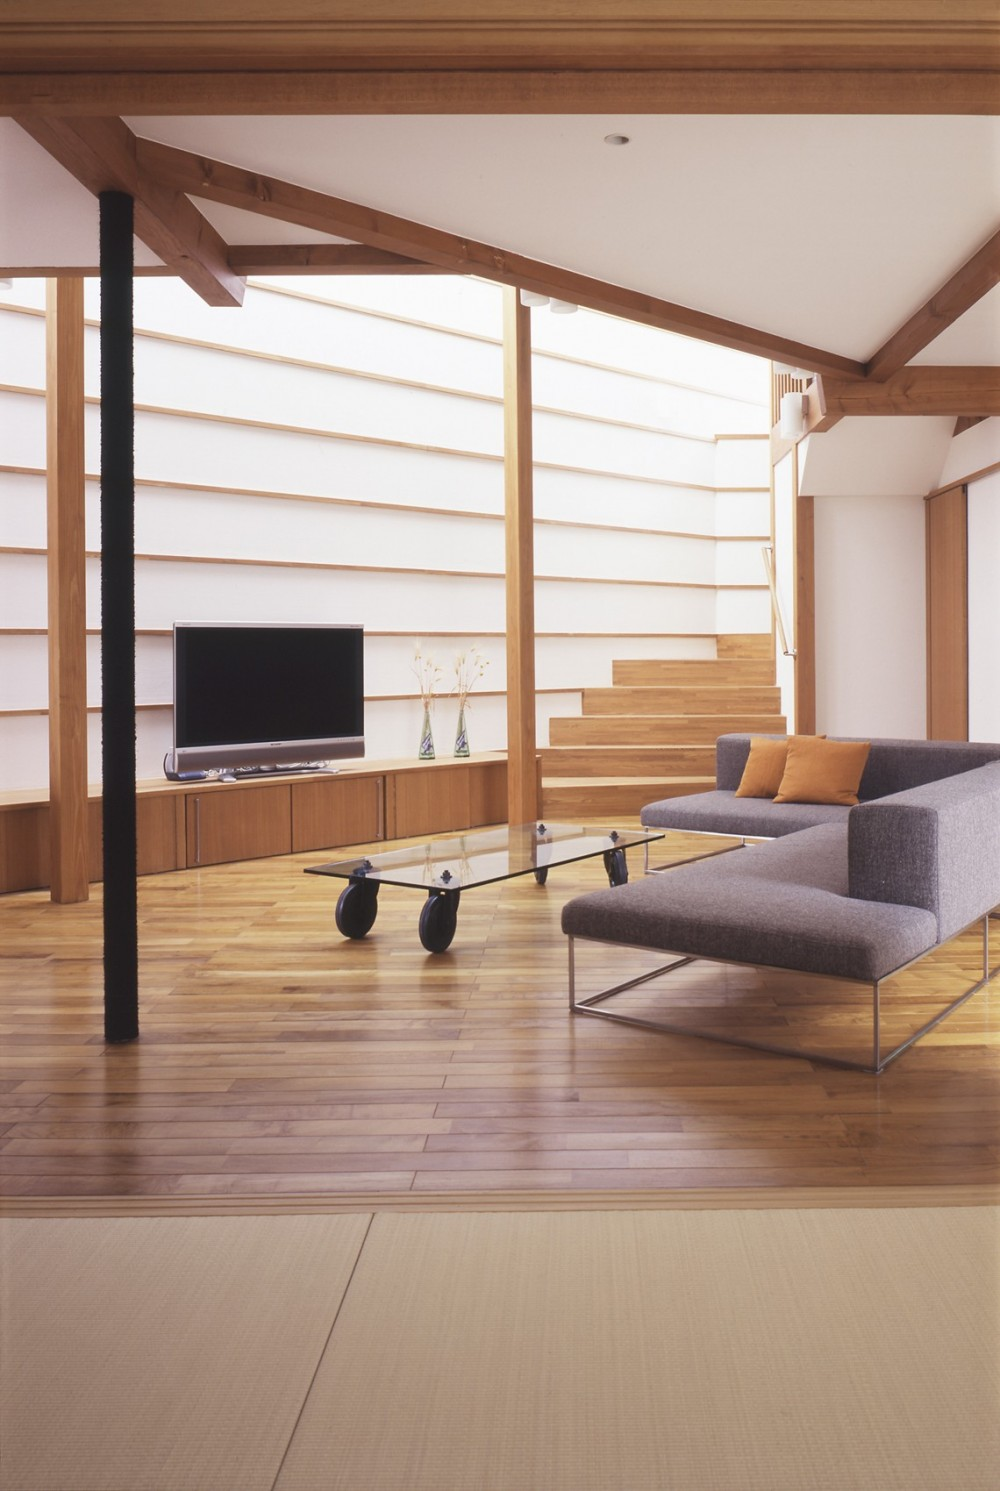 仕事場のある住まい|あなたの場所・自分の居場所を創る|リビングコーナーながら 専用の坪庭を持つスタディスペース (間接光線の柔らかなリビング)